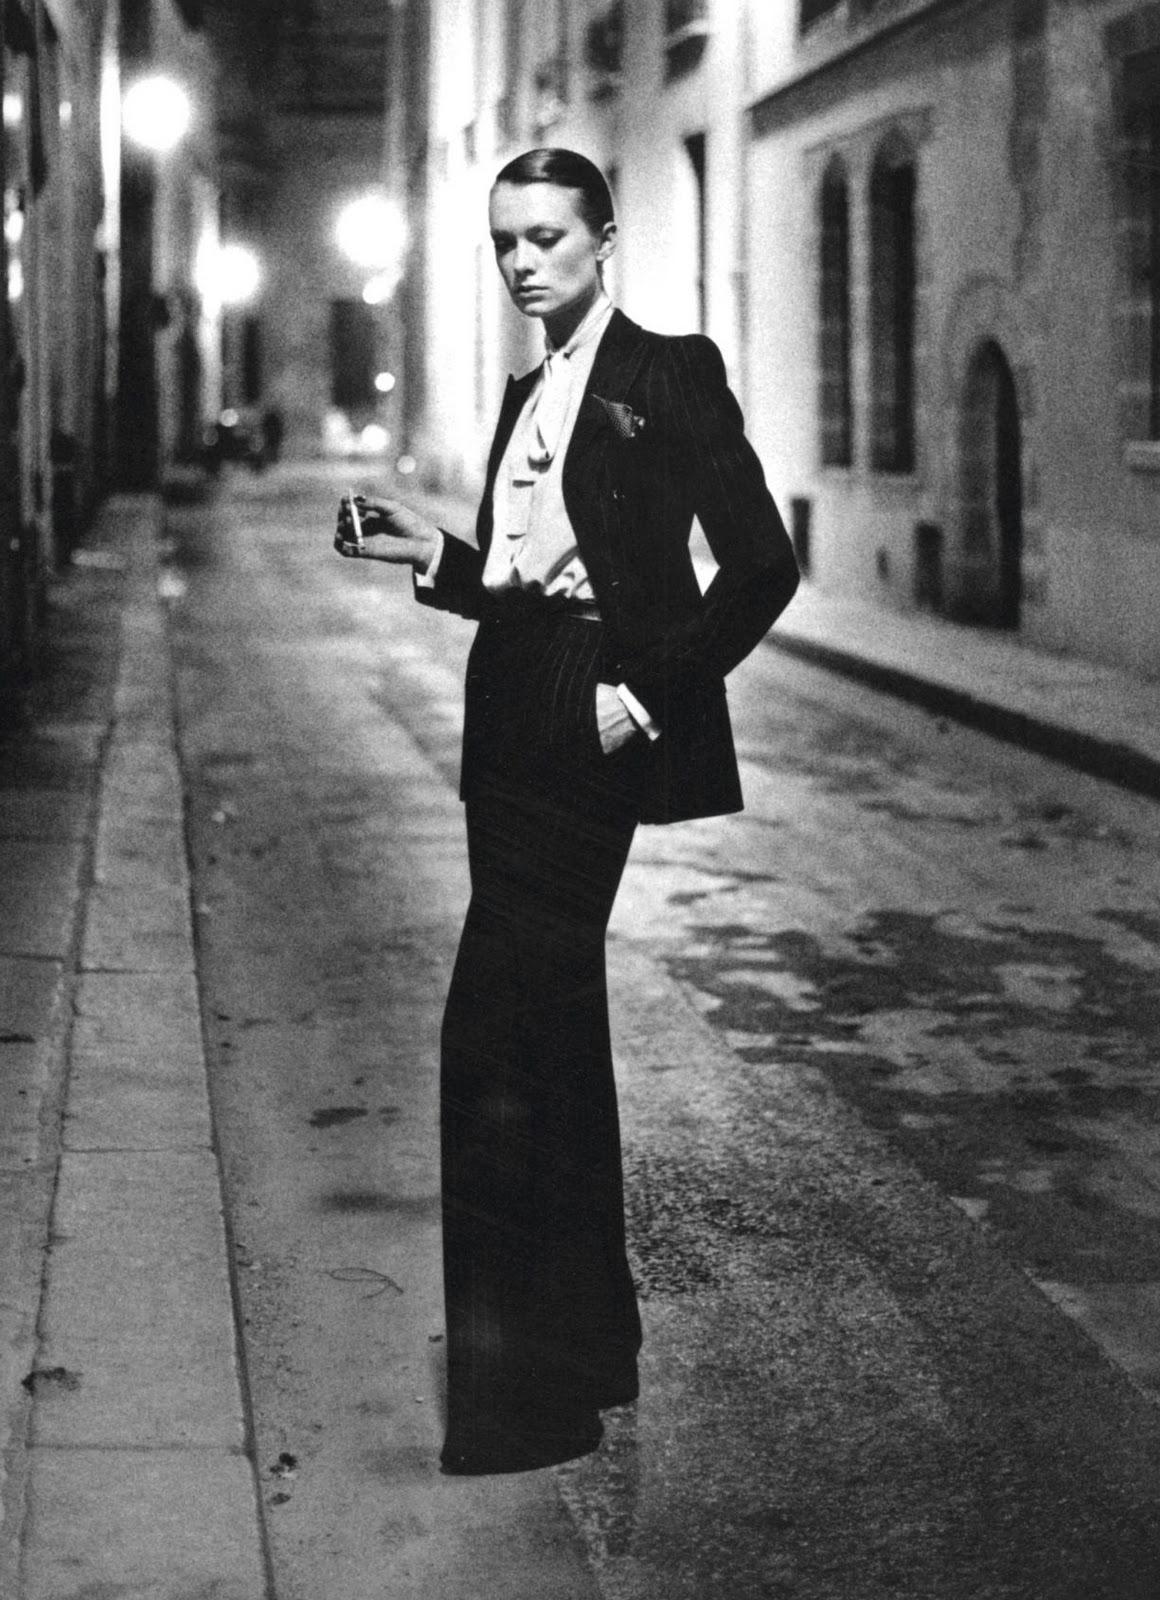 Foto uit '75 door Helmut Newton met YSL's Le Smoking. Puur, rauw, sexy: Le Smoking is tijdloos.